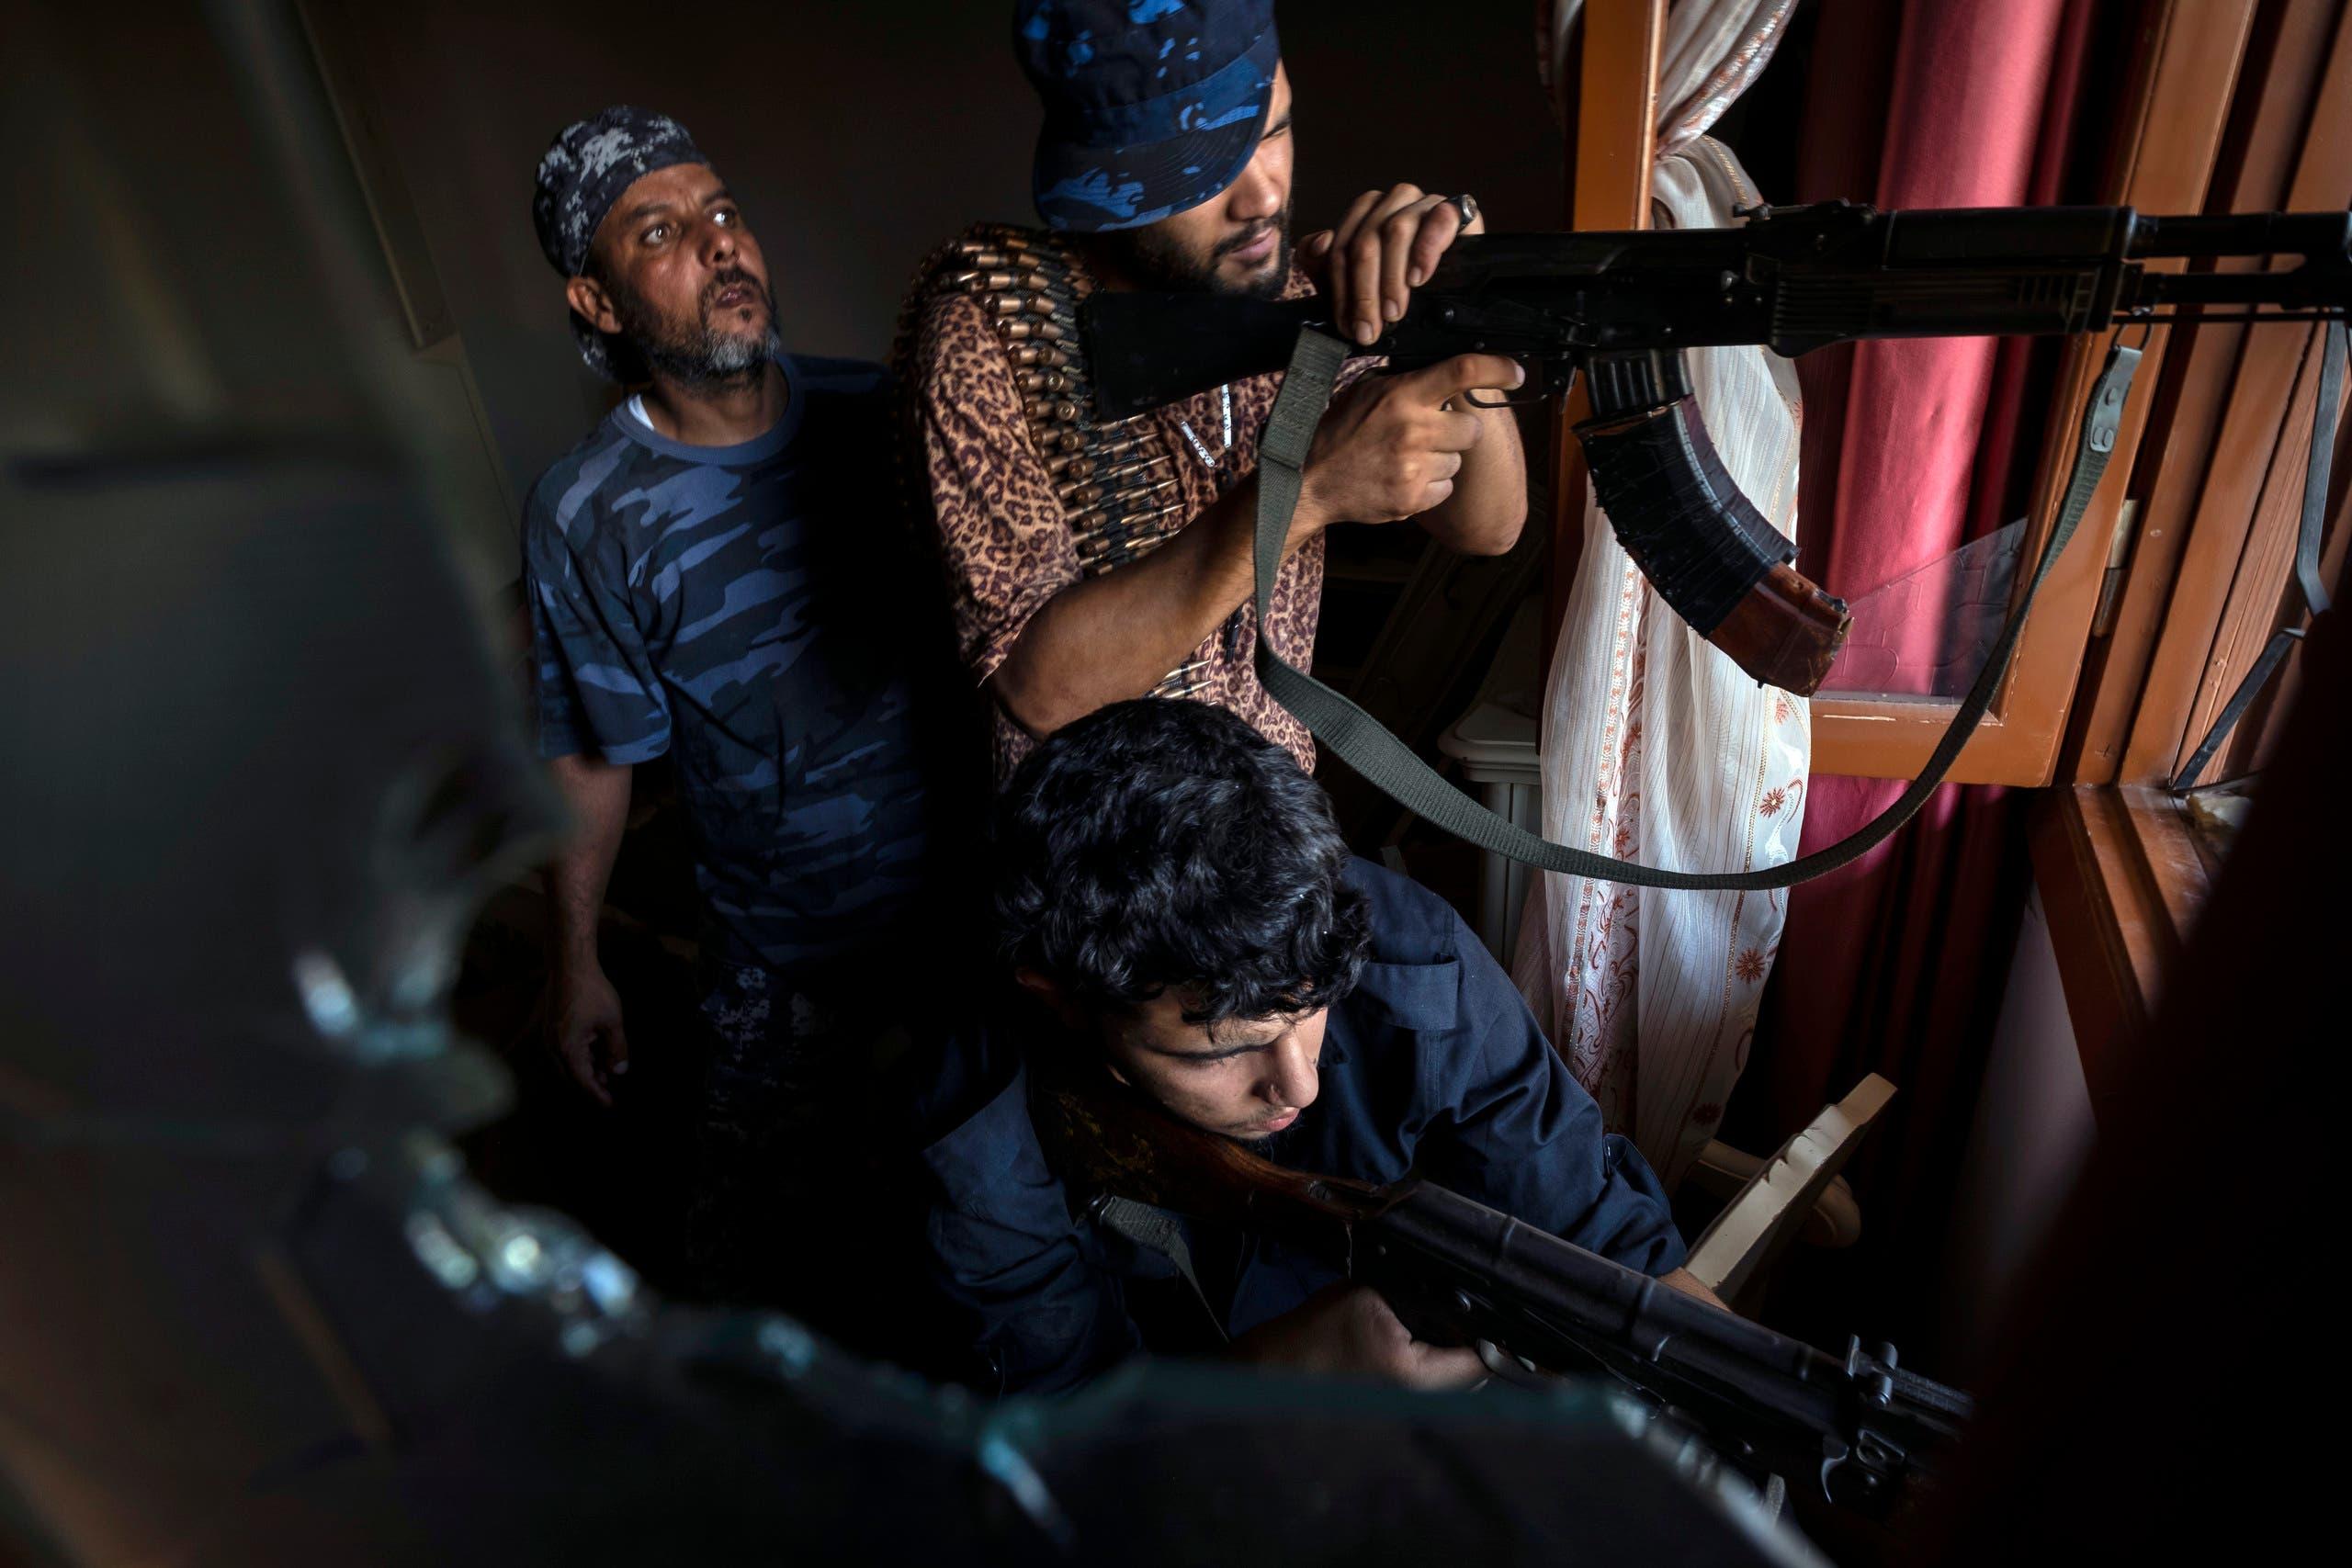 فصائل مسلحة وميليشيات ليبية في طرابلس (أرشيفية- أسوشييتد برس)